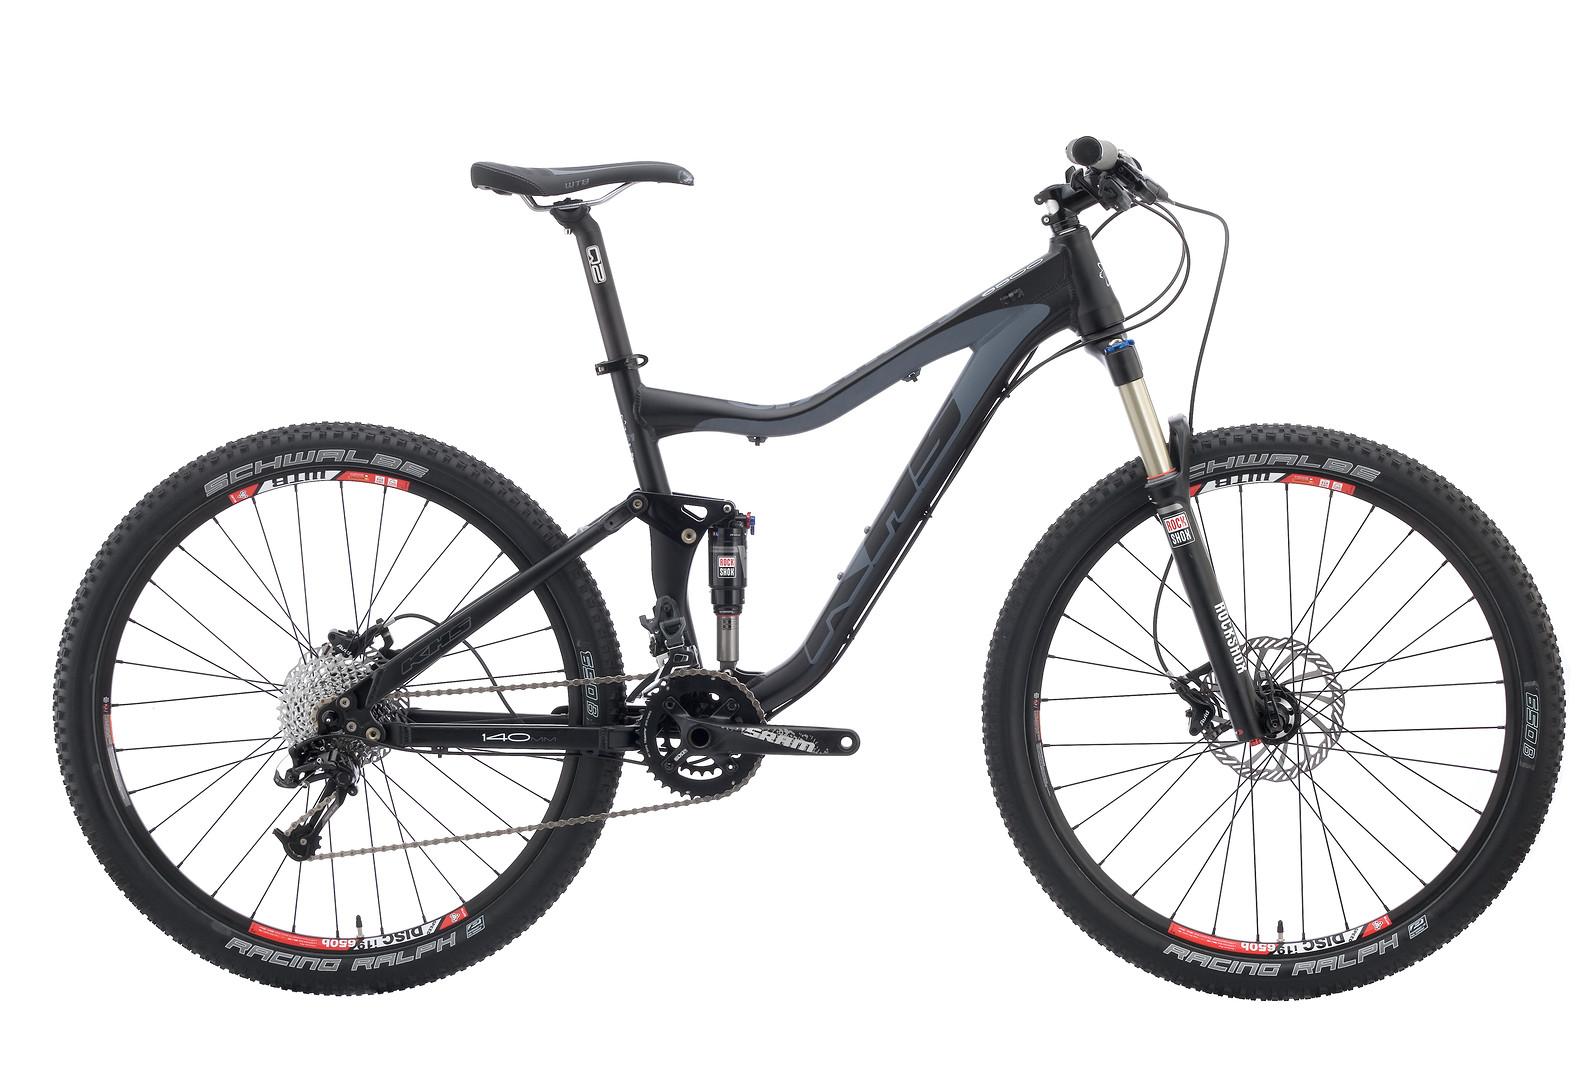 2013 KHS SixFifty 6500 Bike 2013 Sixfifty 6500